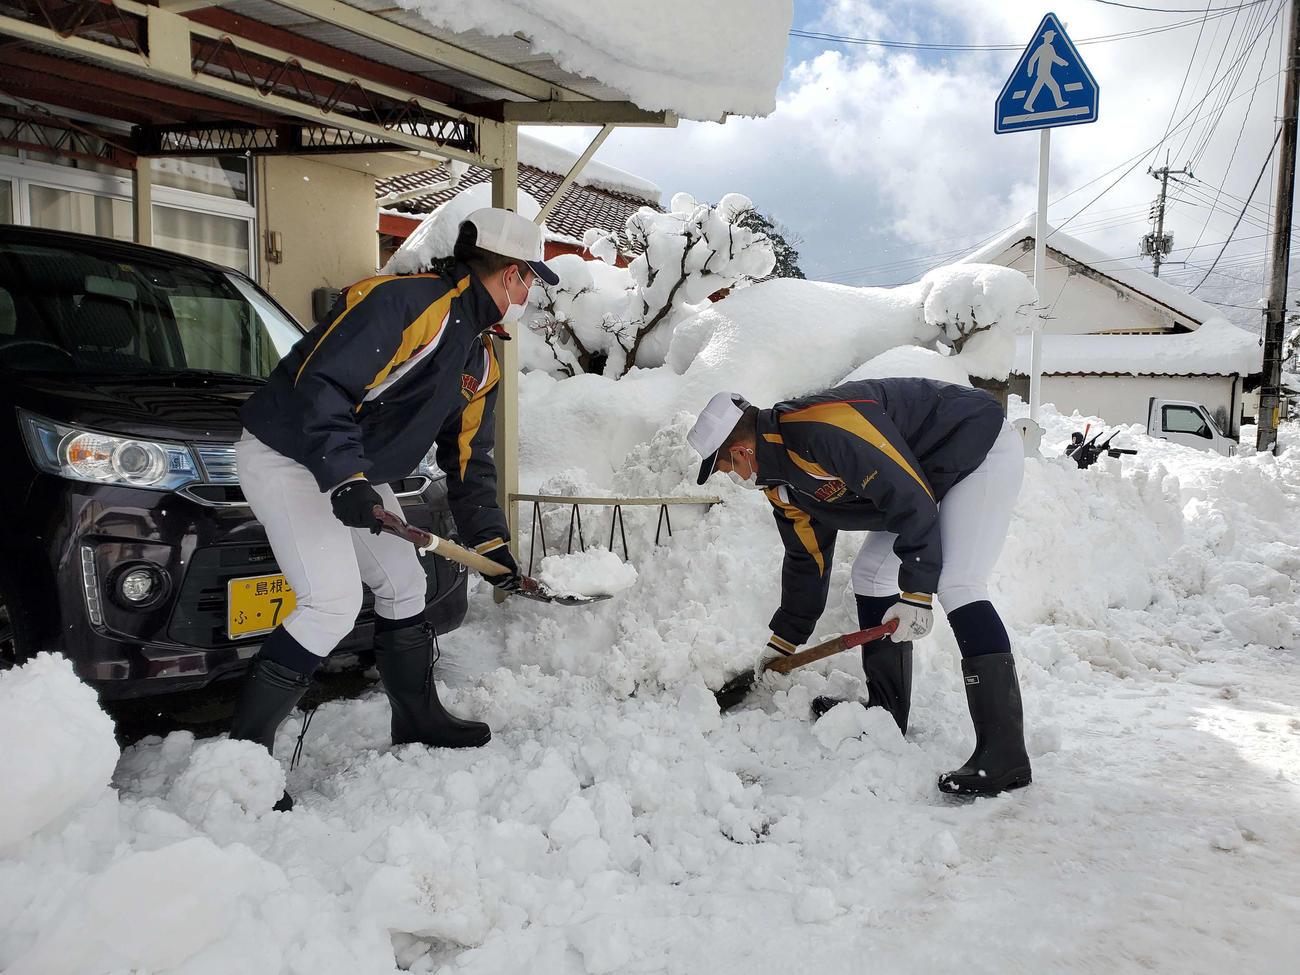 ユニホーム姿で街中に降り積もった雪を除雪する矢上ナイン(チーム提供)